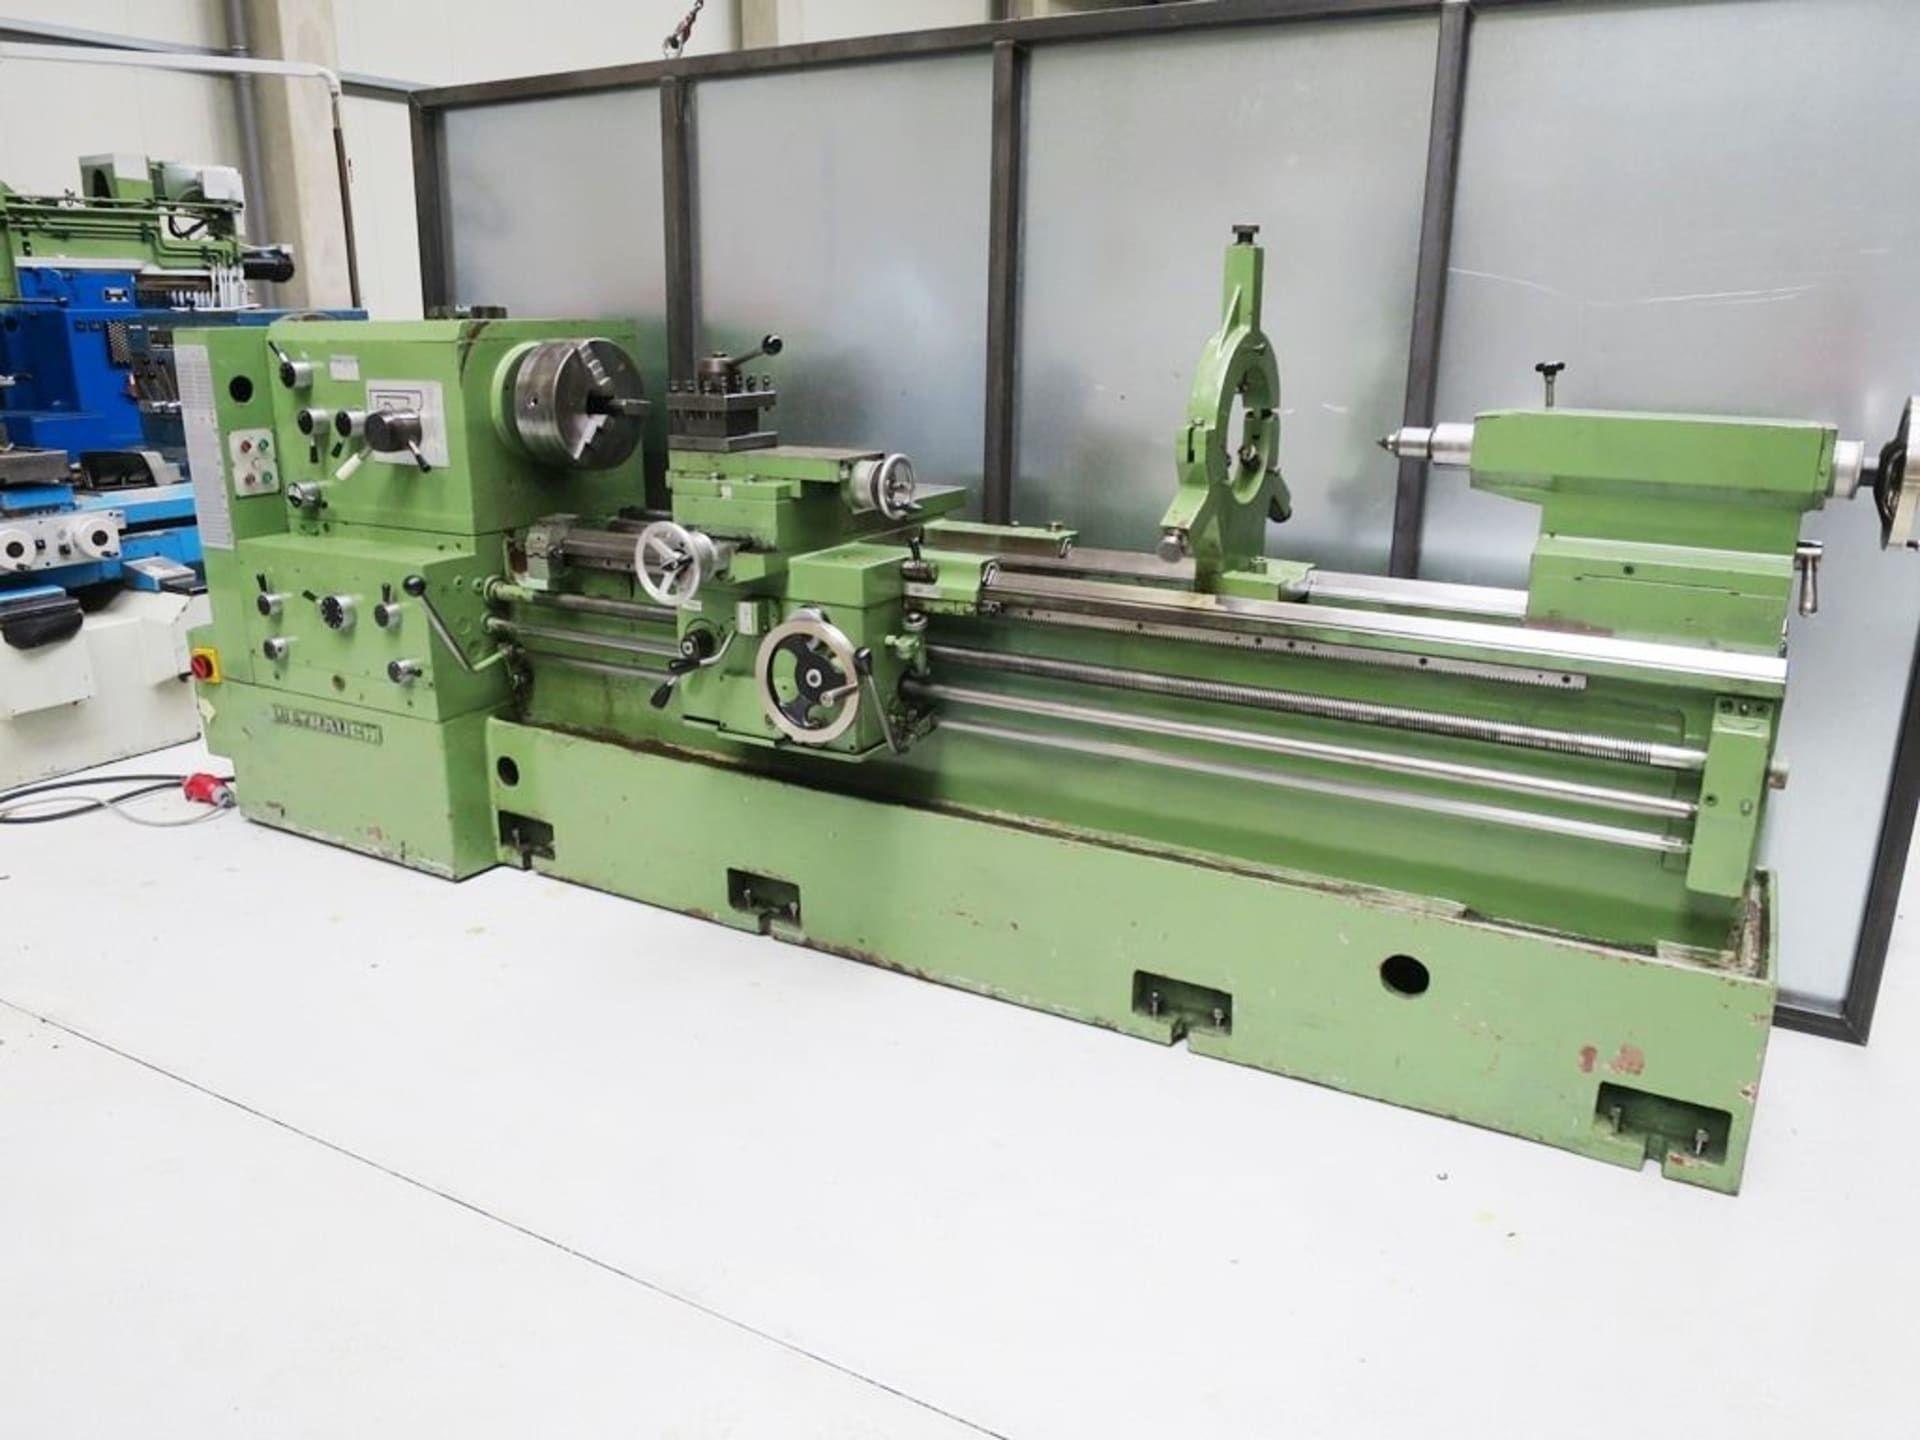 WEYRAUCH DR 300 - 2000 Leit- und Zugspindeldrehmaschine